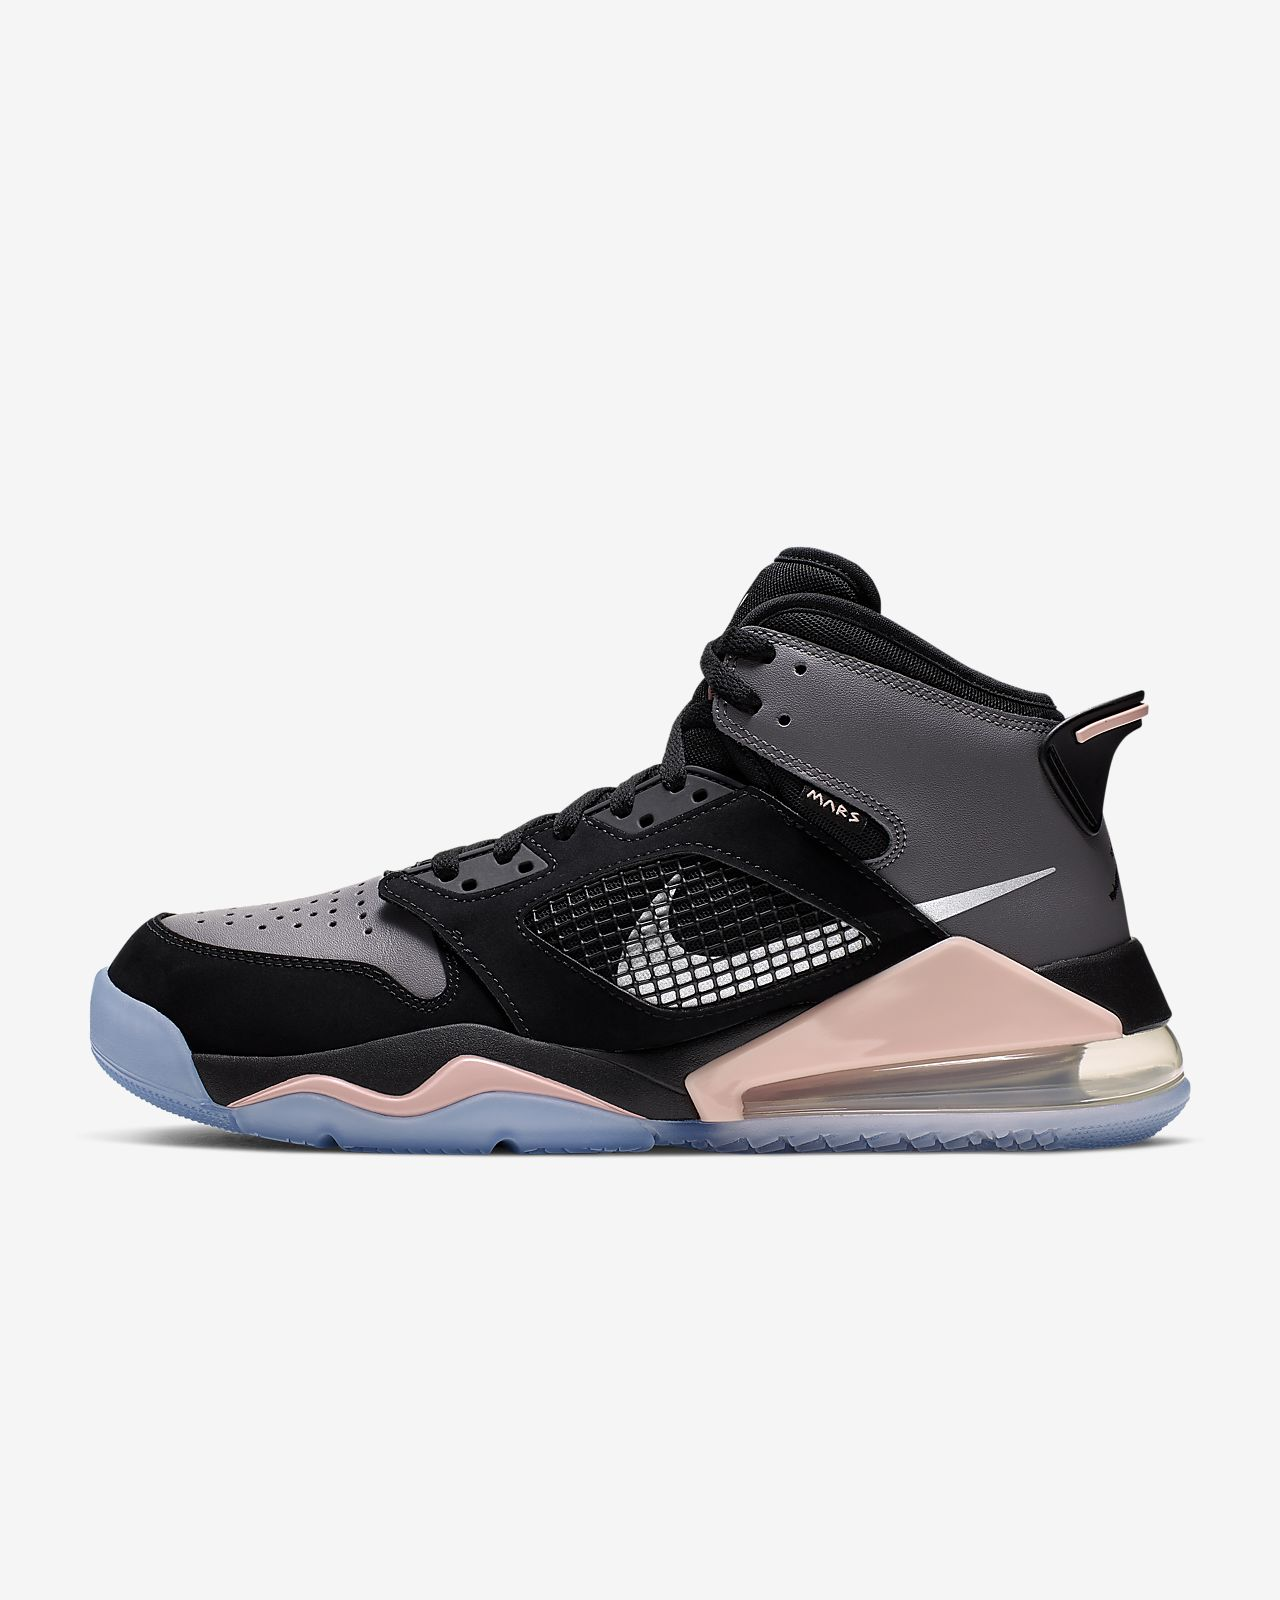 bas prix 4c526 54715 Chaussure Jordan Mars 270 pour Homme